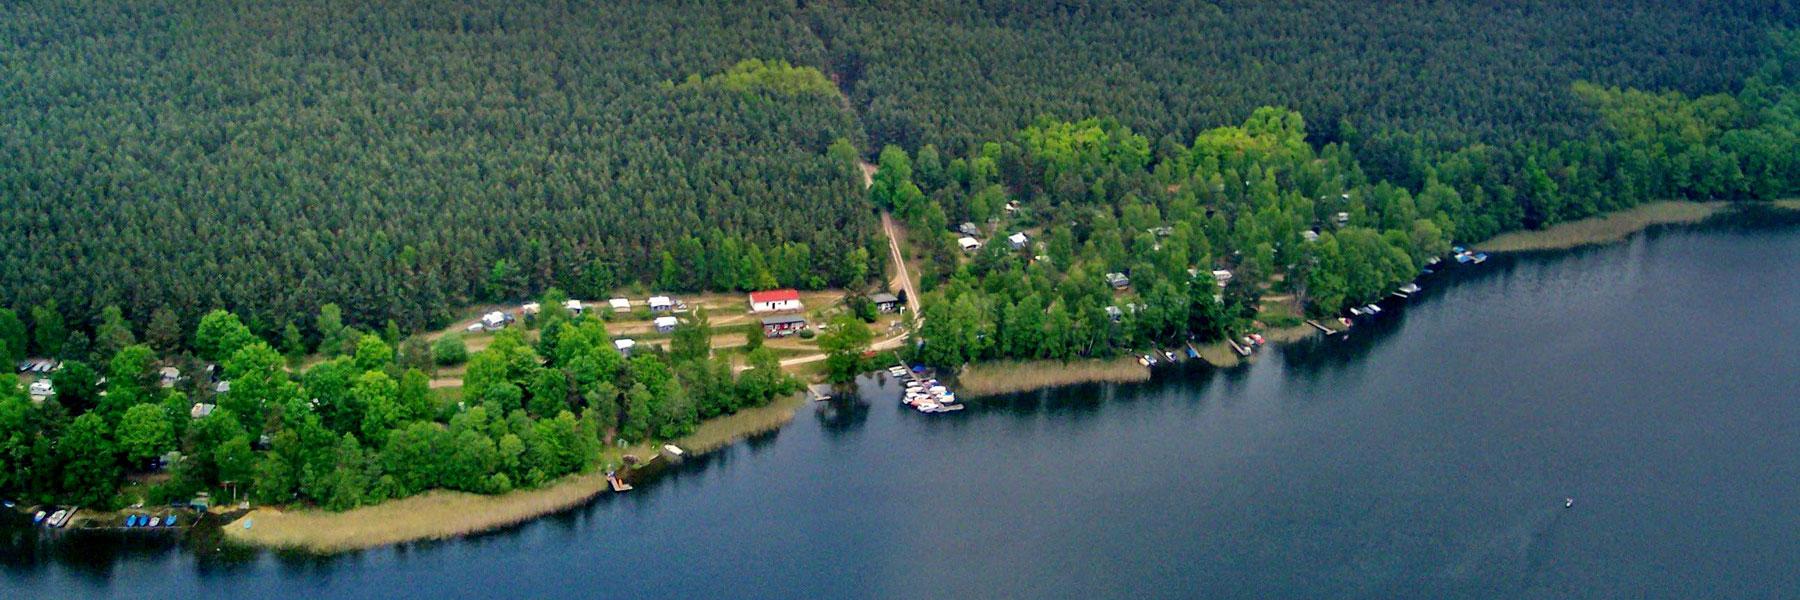 Luftaufnahme - Campingplatz Am Gobenowsee